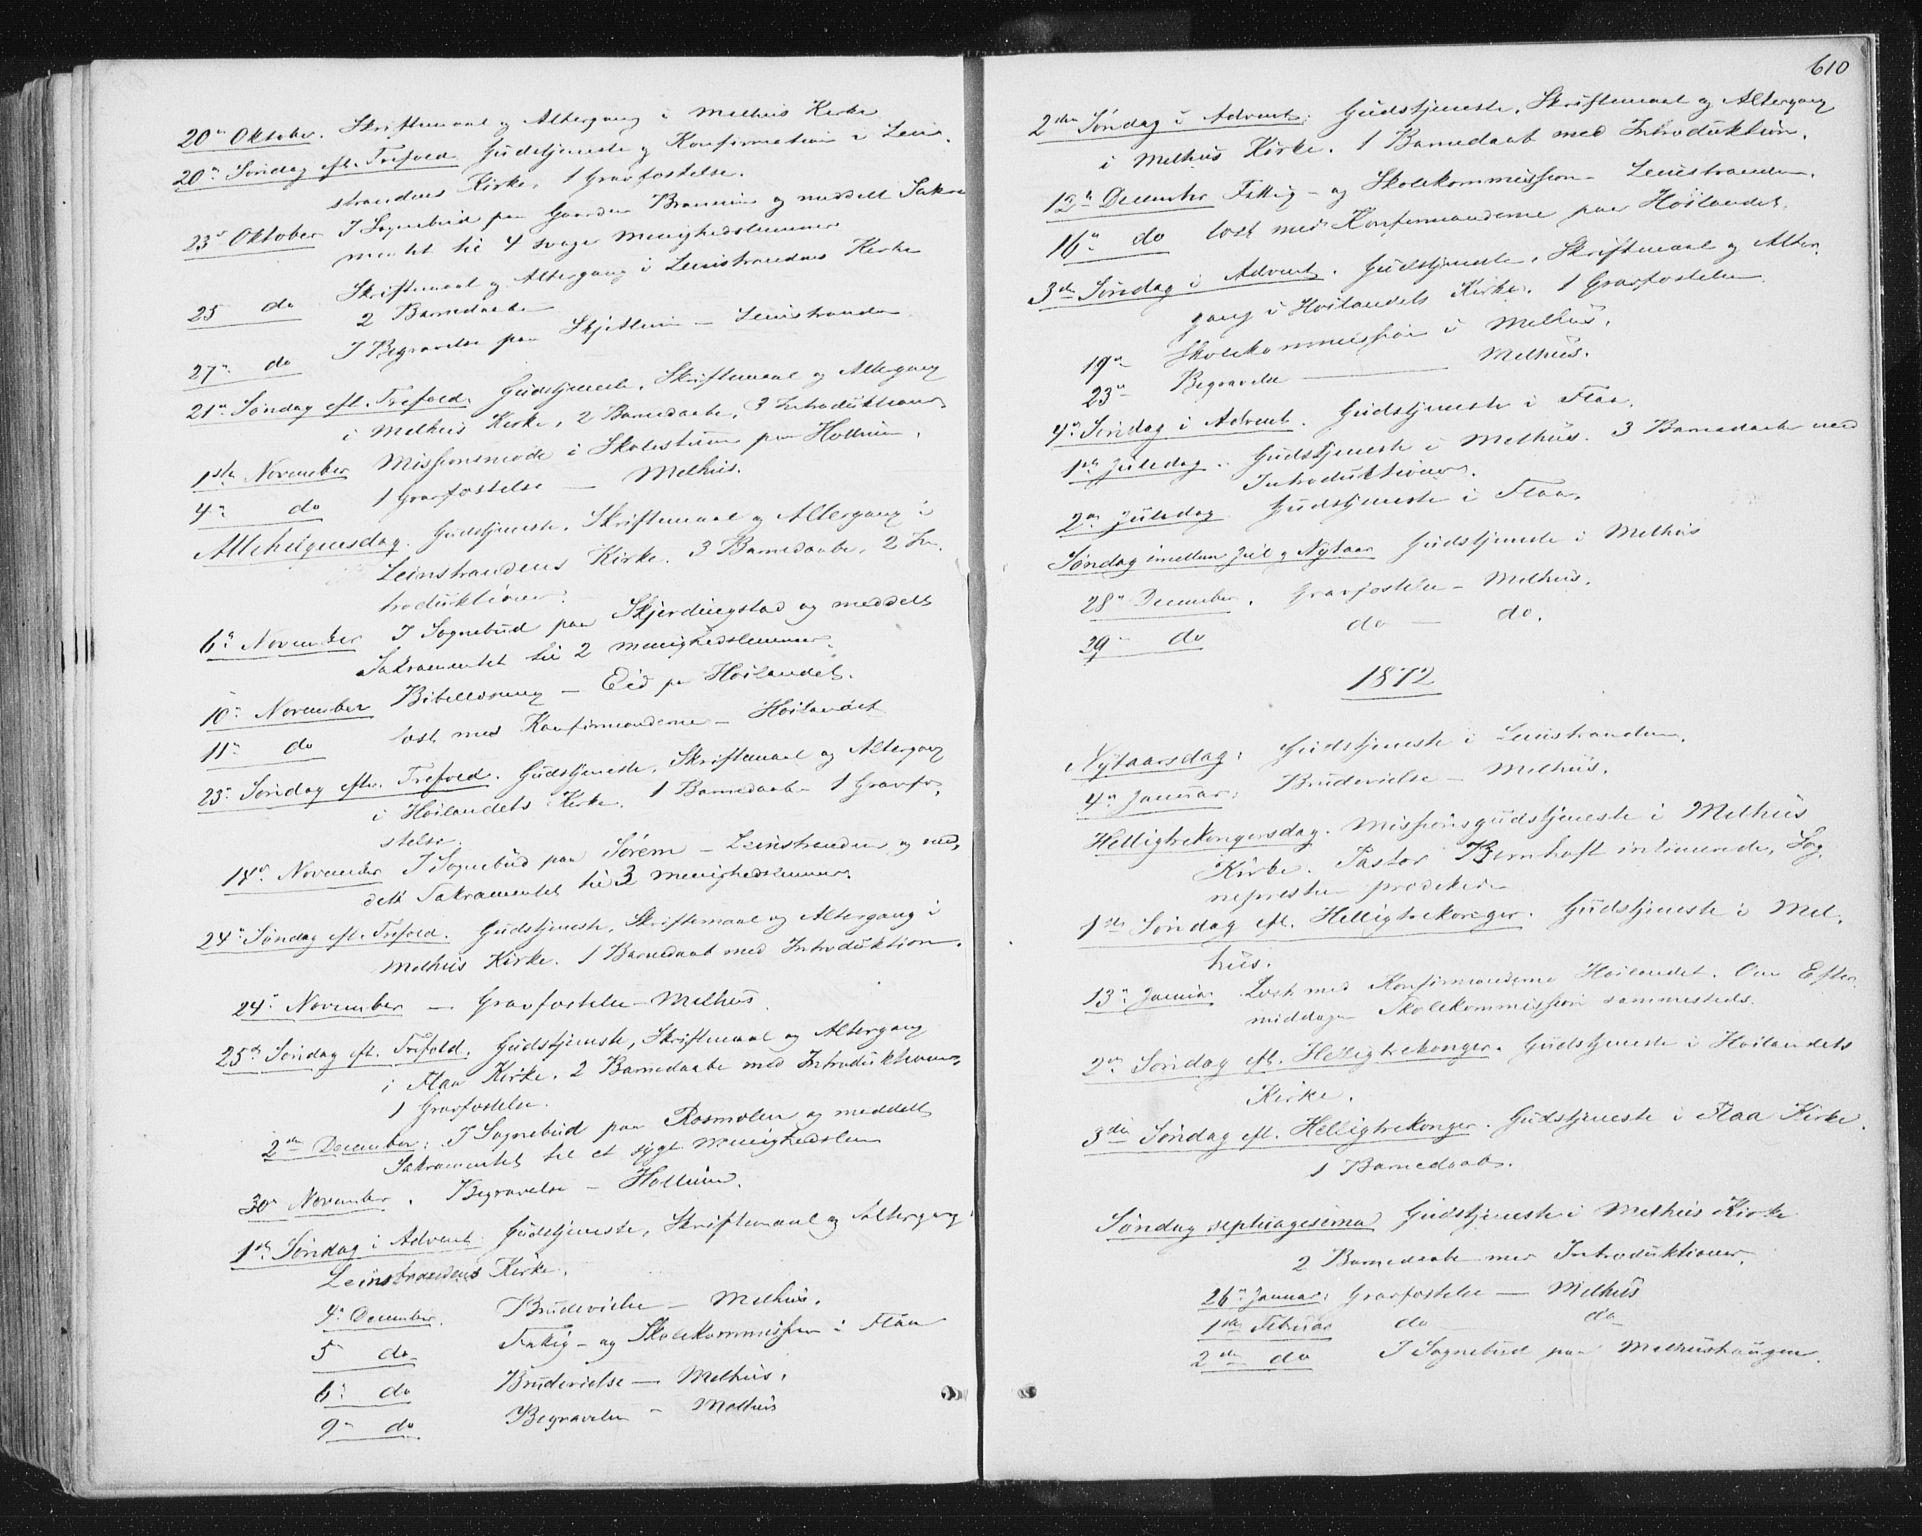 SAT, Ministerialprotokoller, klokkerbøker og fødselsregistre - Sør-Trøndelag, 691/L1077: Ministerialbok nr. 691A09, 1862-1873, s. 610